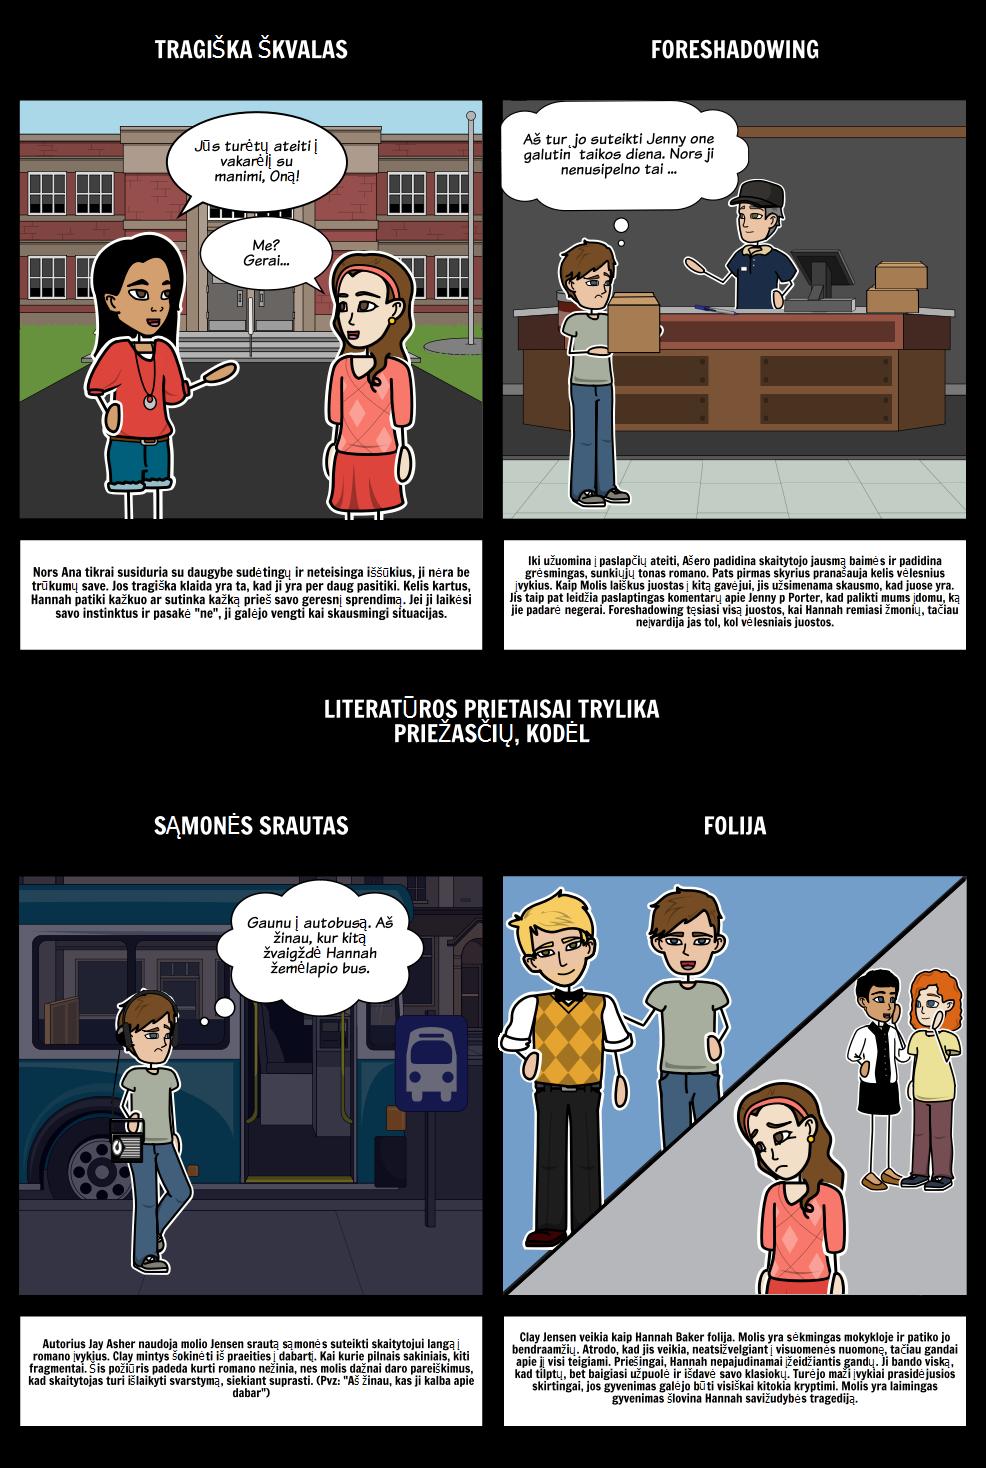 Trylika Priežasčių, Kodėl Literary Prietaisai